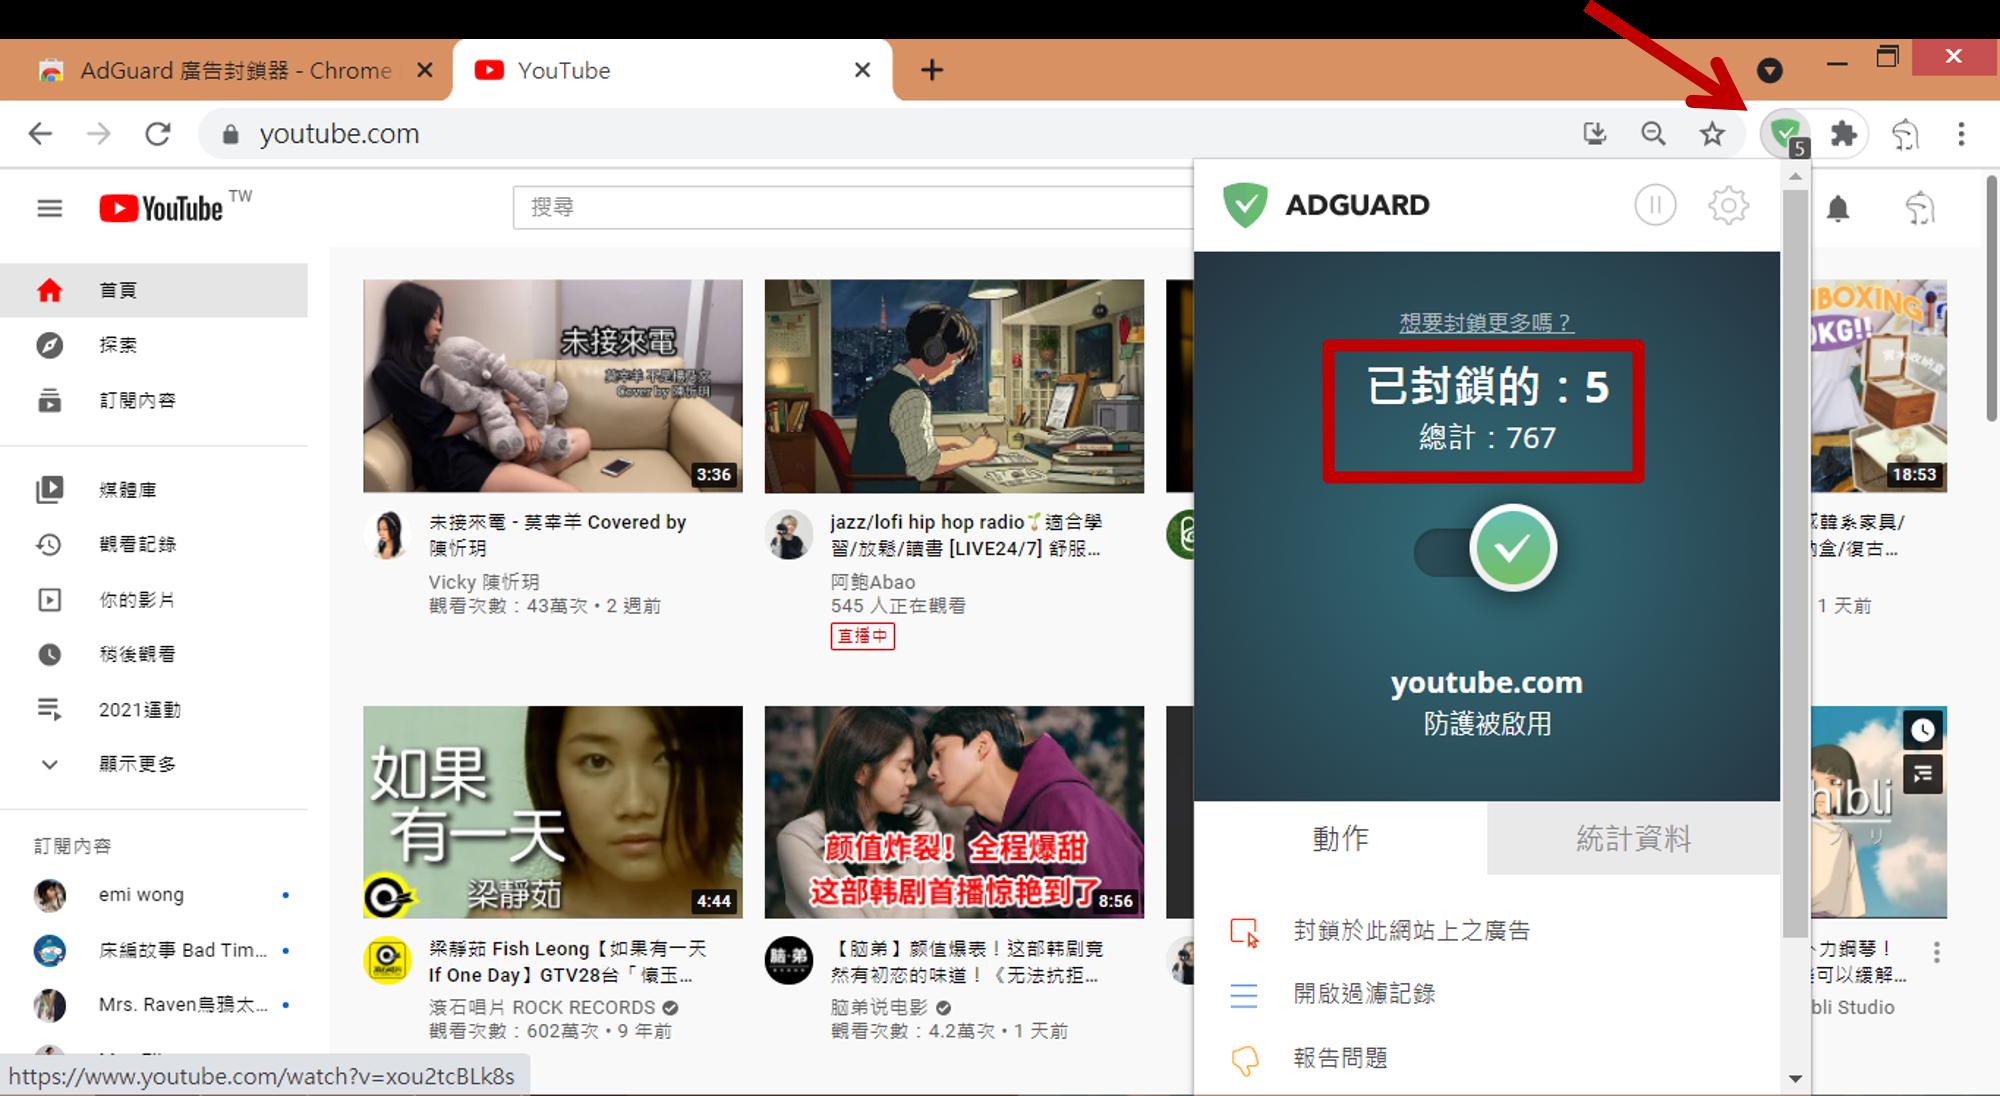 AdGuard-網頁圖示及廣告封鎖數量顯示